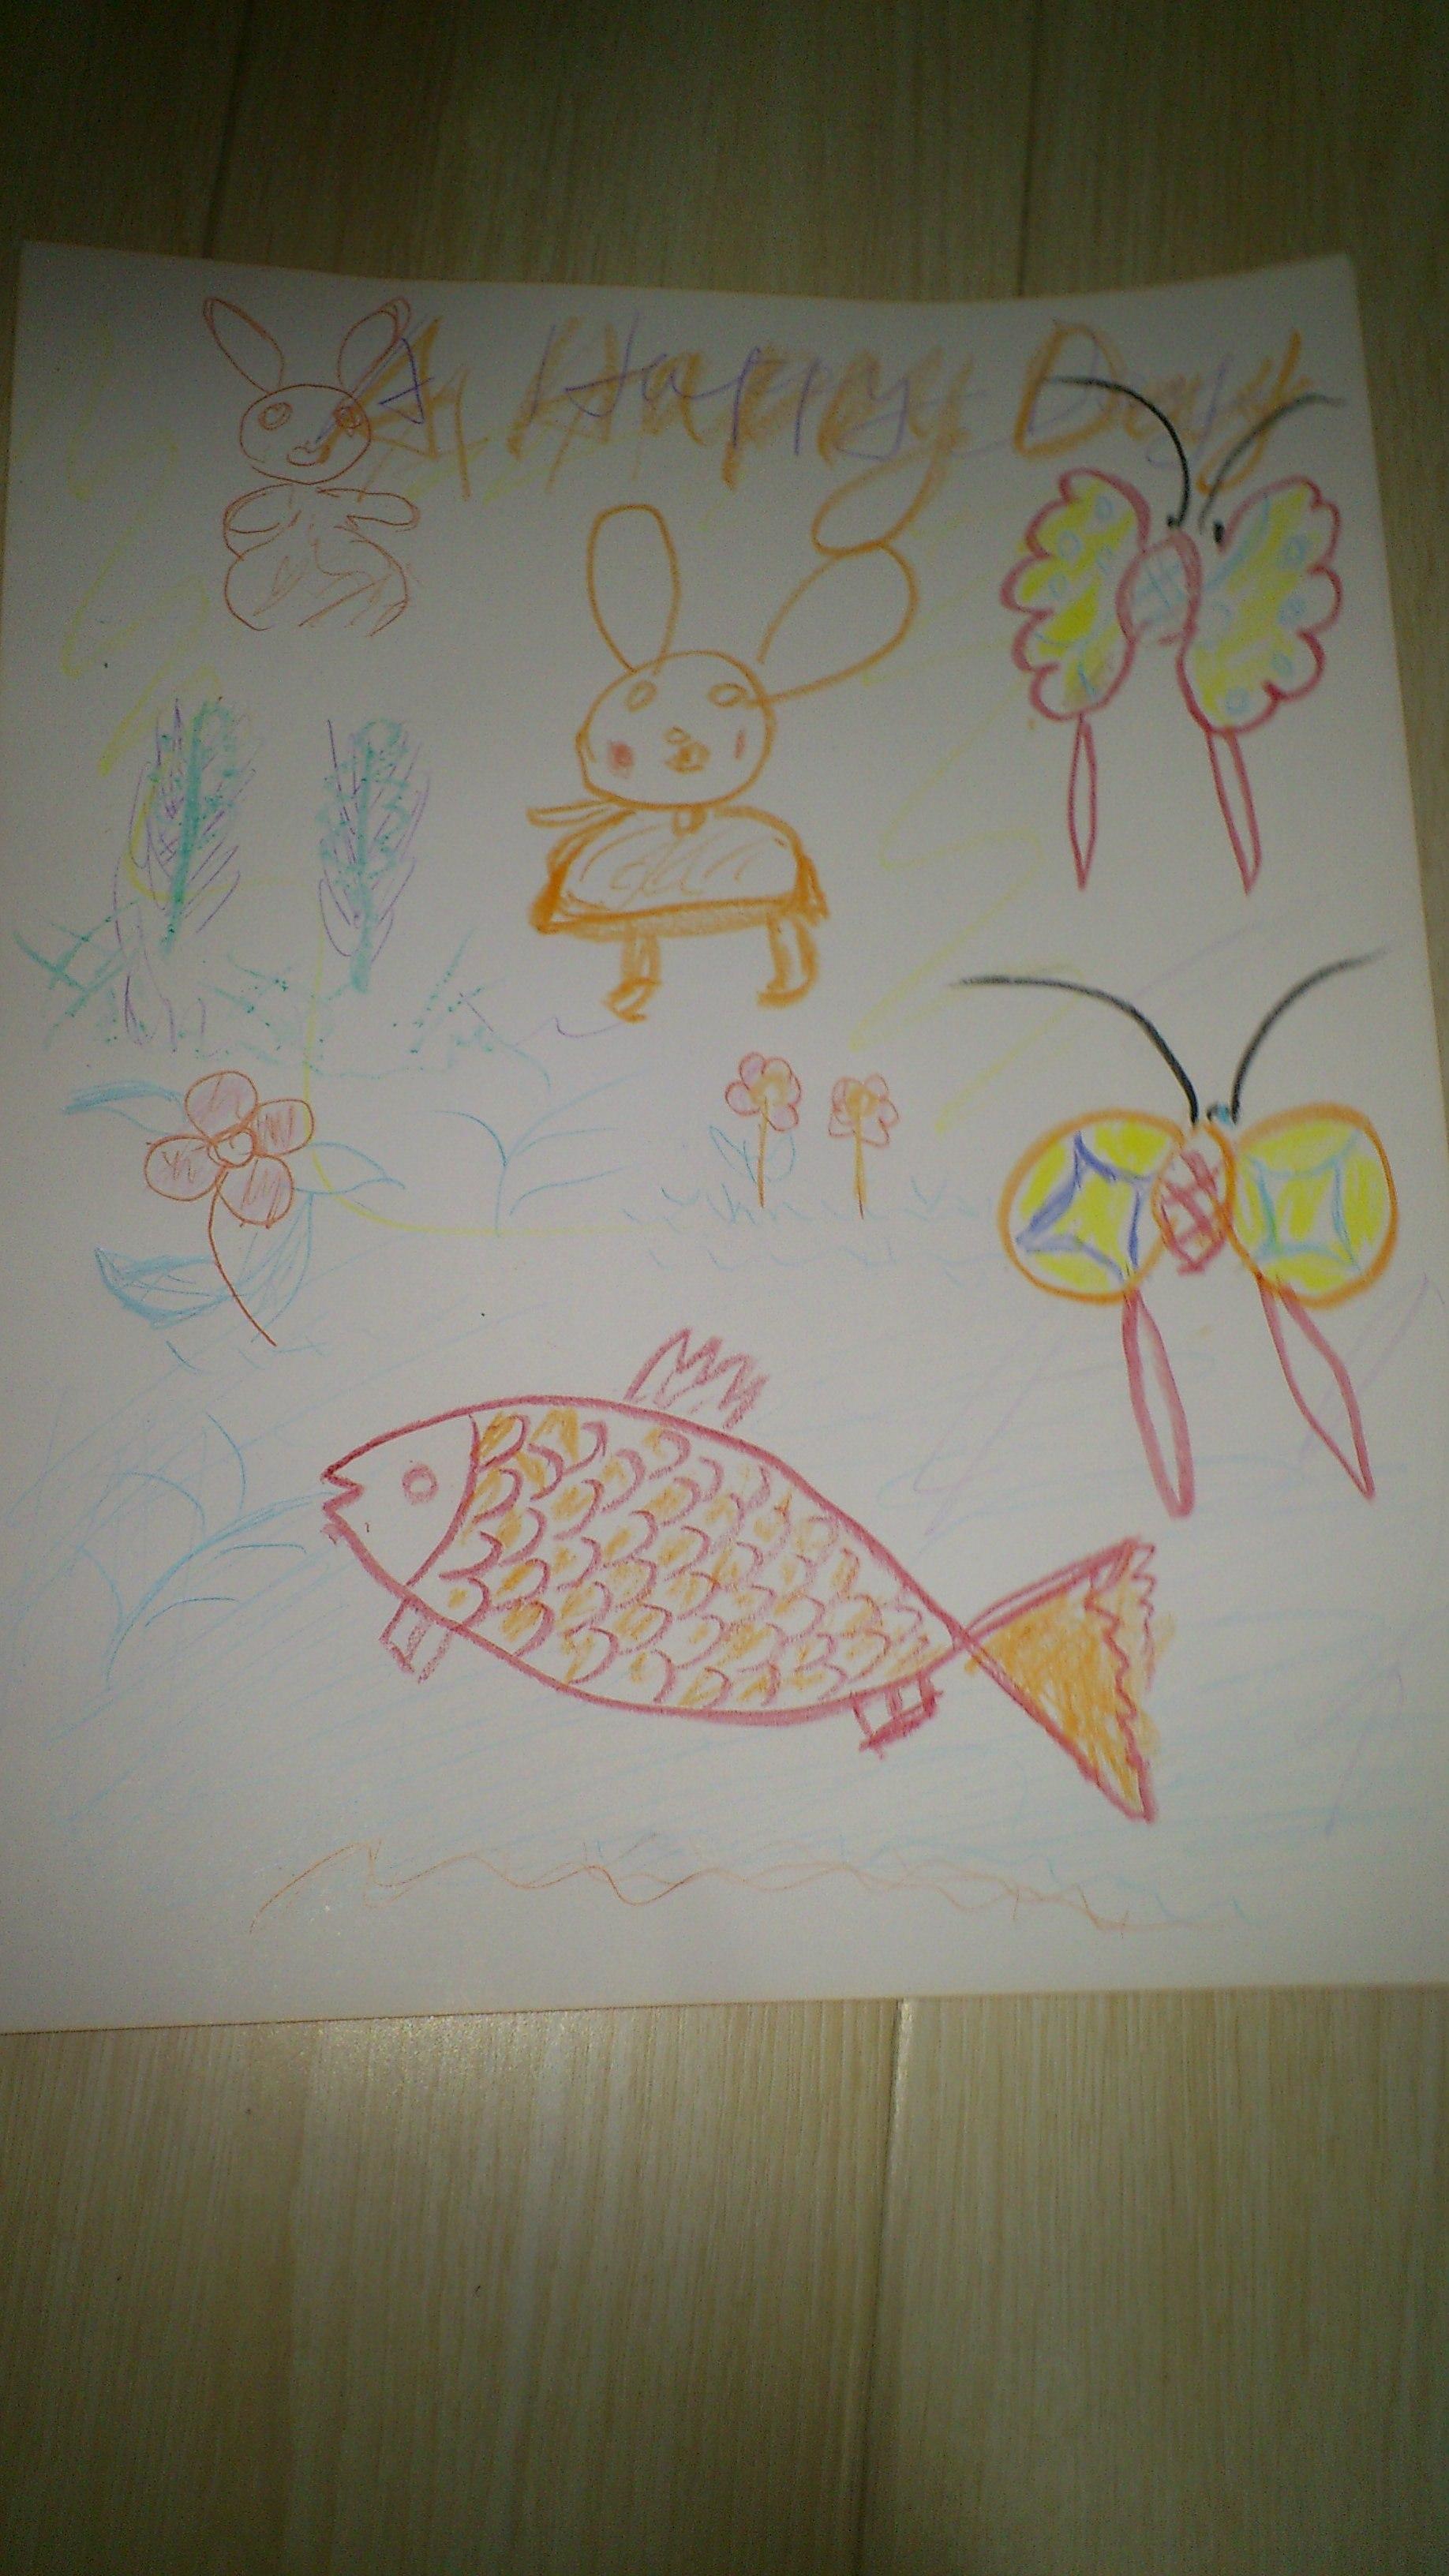 分享到       希希 作品名:快乐的一天 作品描述:宝宝刚刚接触画画